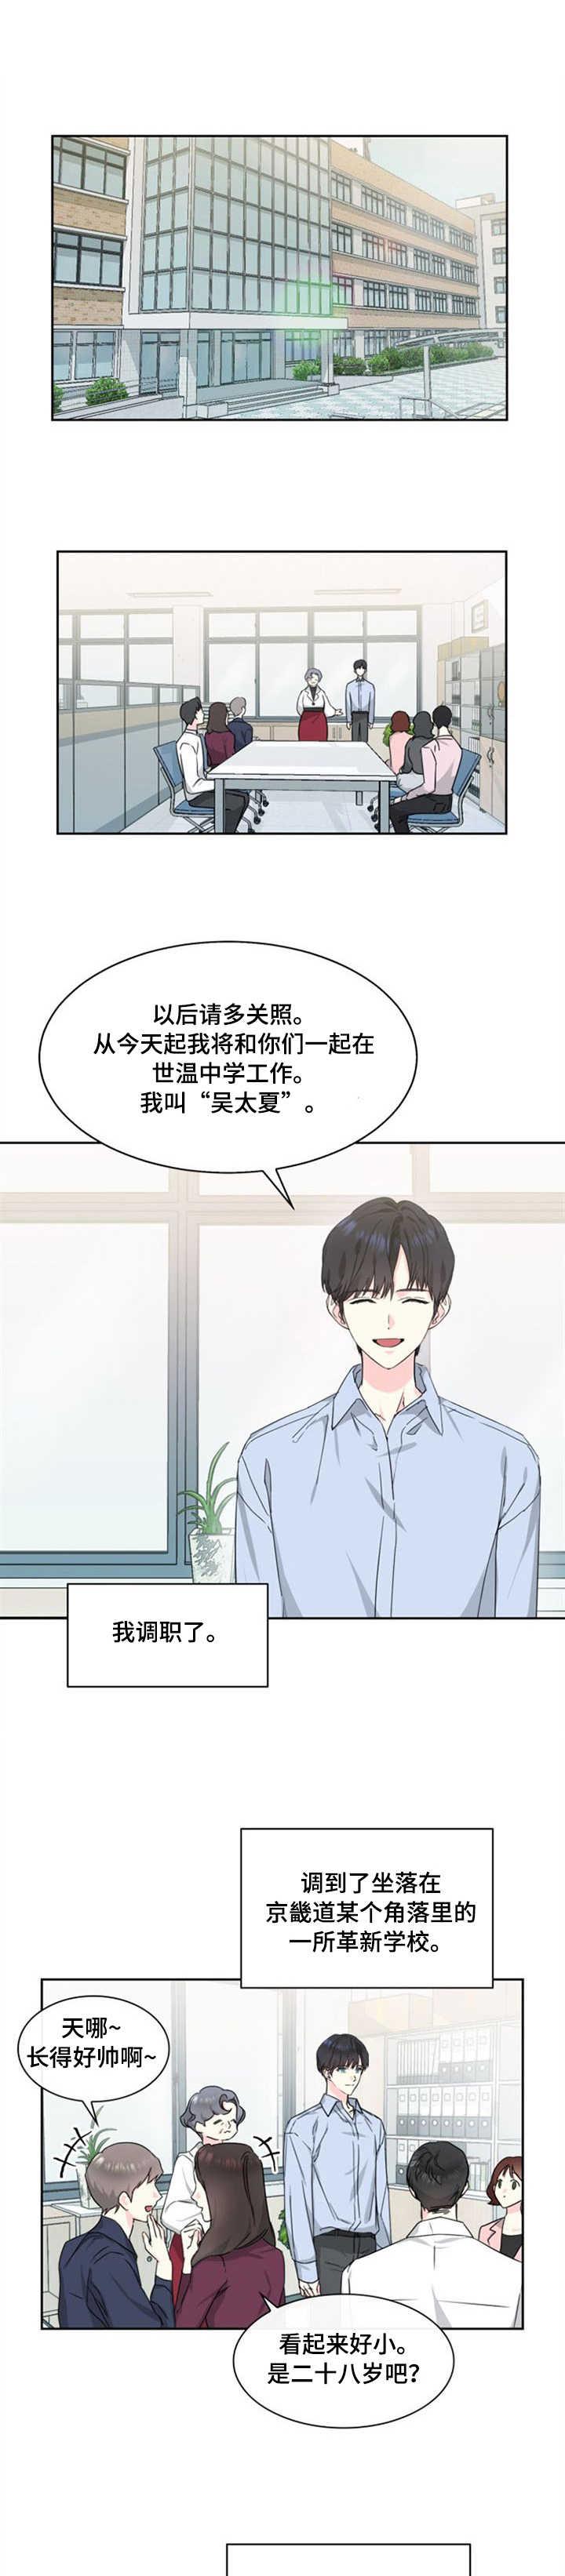 甜味办公室-BL彩虹漫画完整版汉化在线阅读首发-啵乐漫画